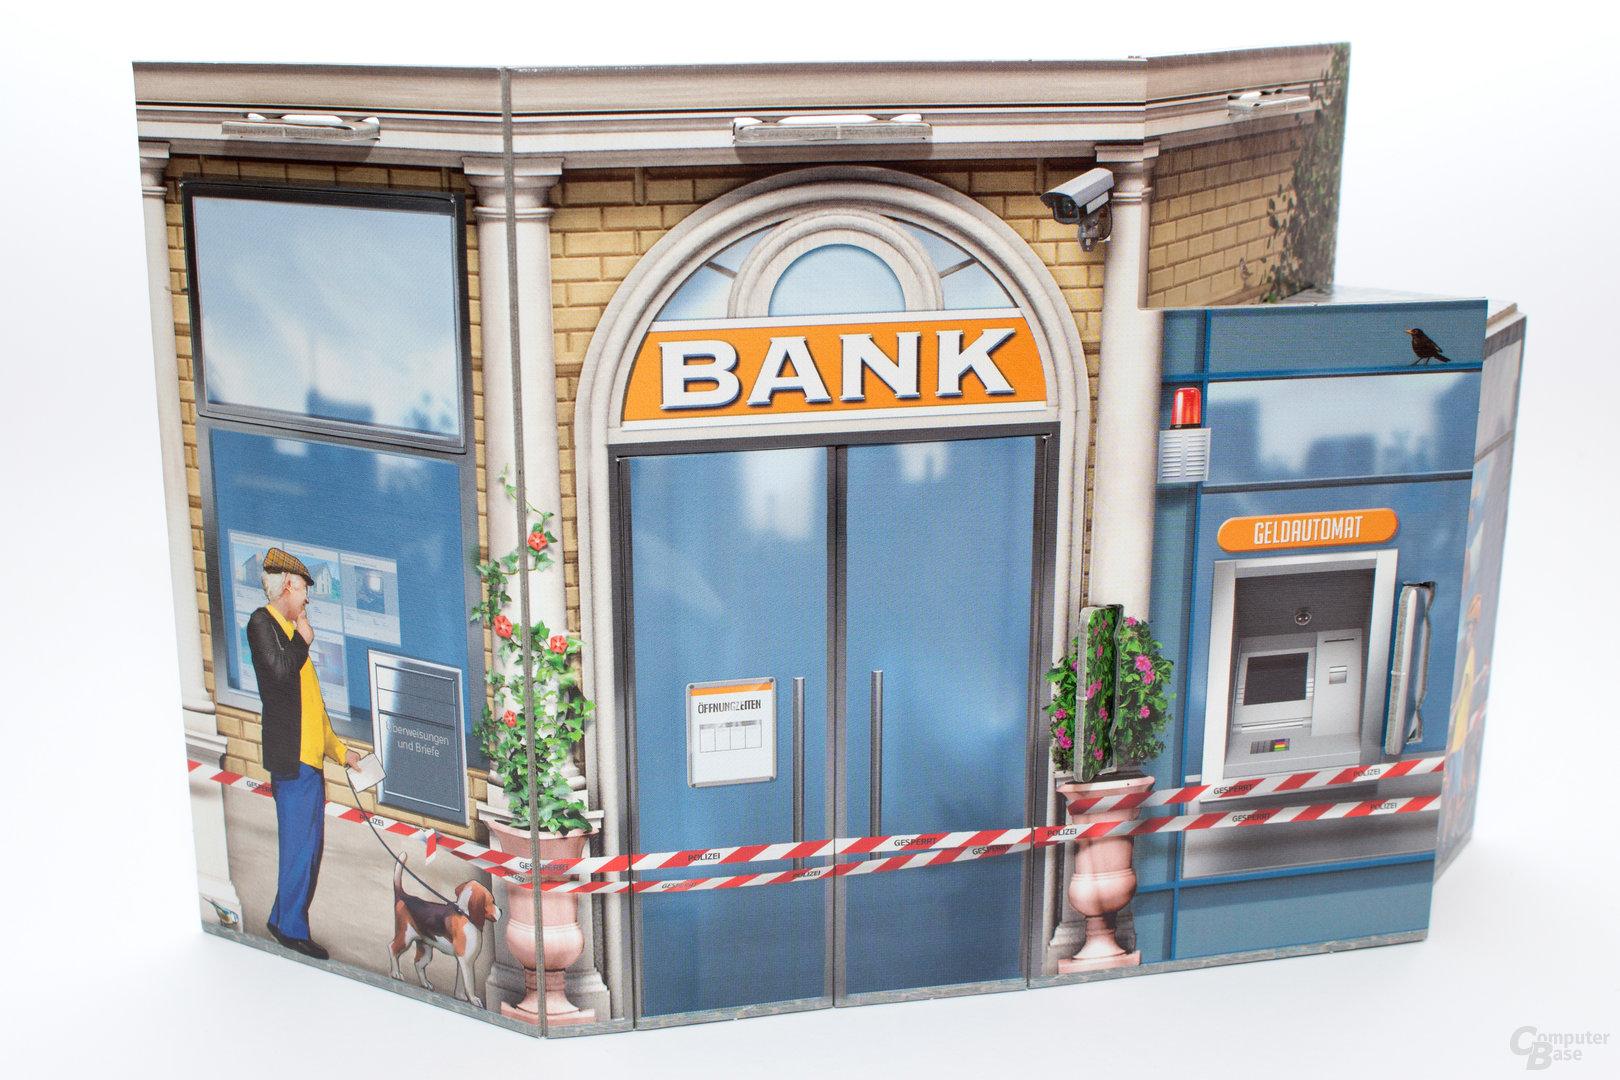 Per Übungseinsatz zum Bankeinbruch